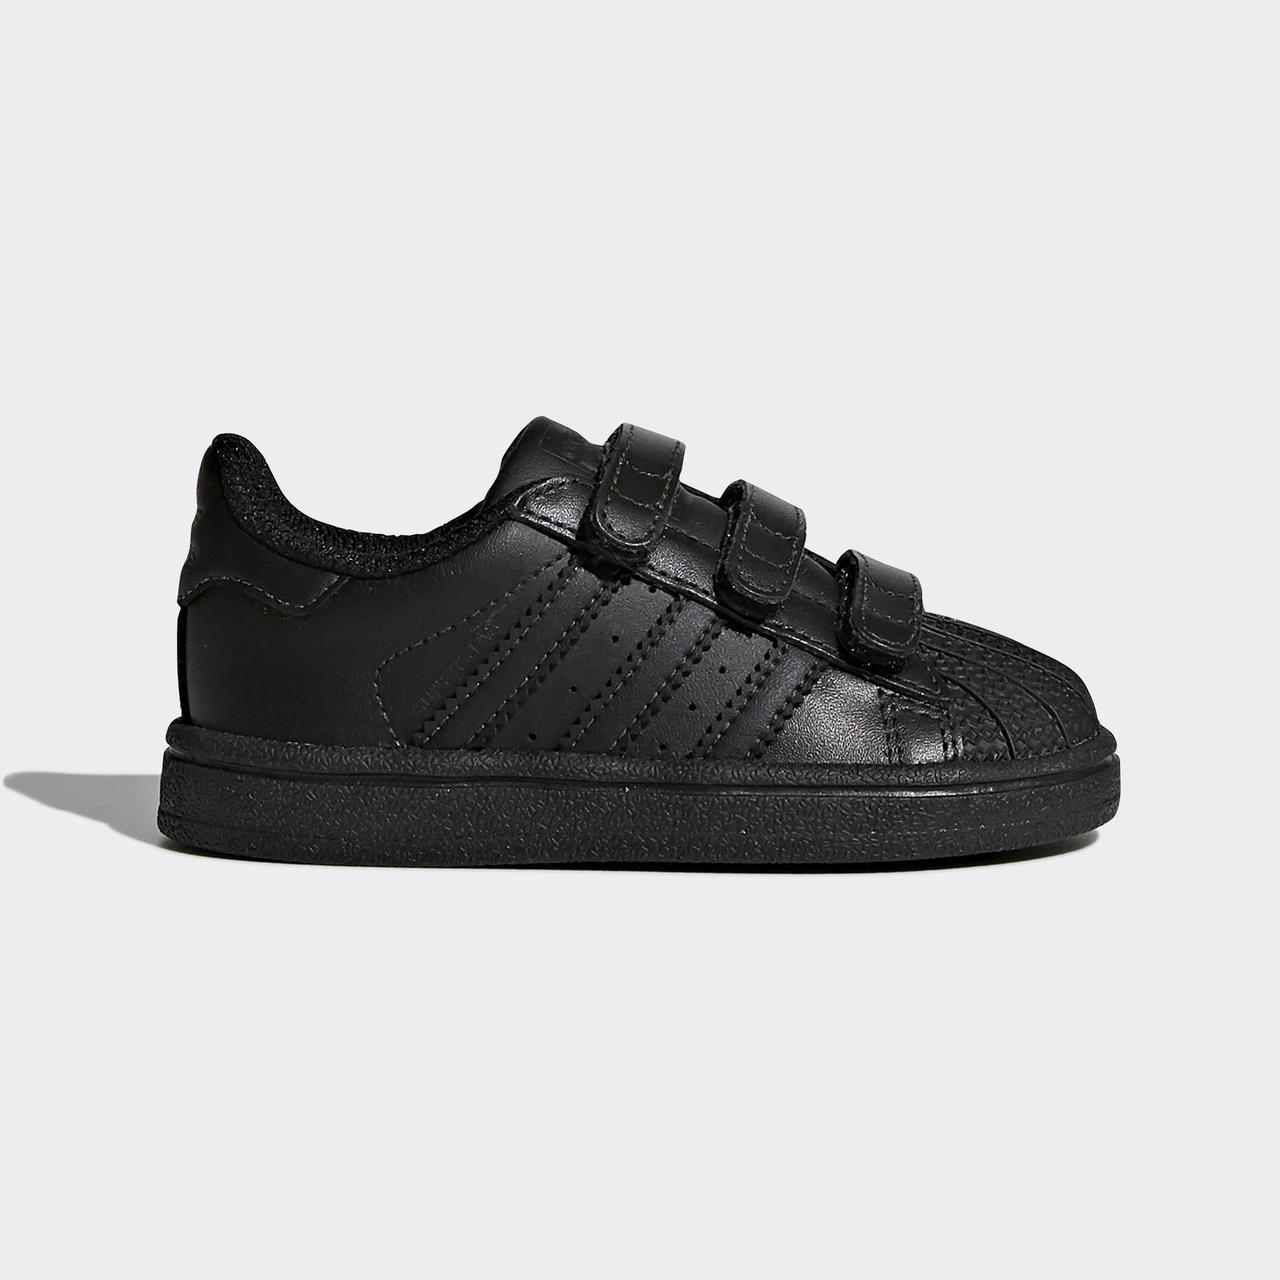 2104701b Детские кроссовки Adidas Originals Superstar (Артикул: BZ0417) -  Интернет-магазин «Эксперт